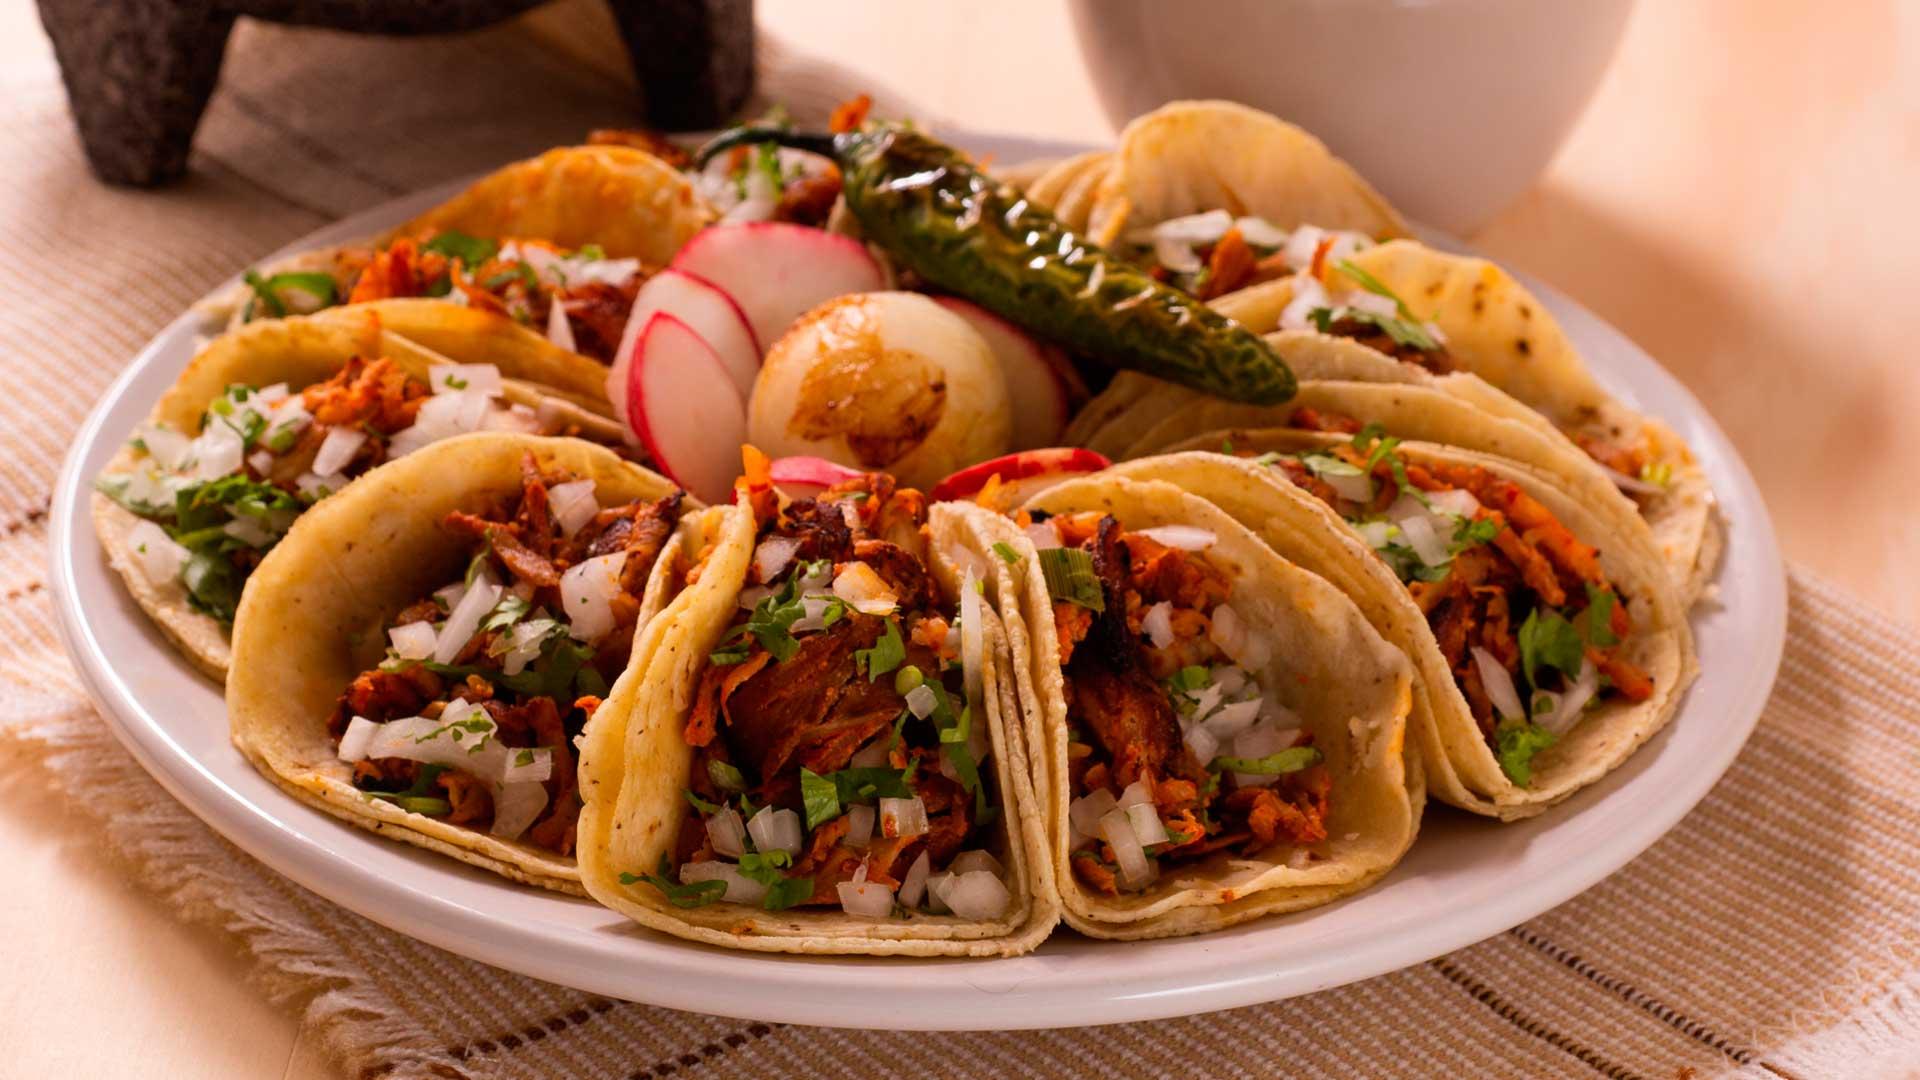 ¡Viva México! A disfrutar de este menú patrio el Día del Grito de Independencia